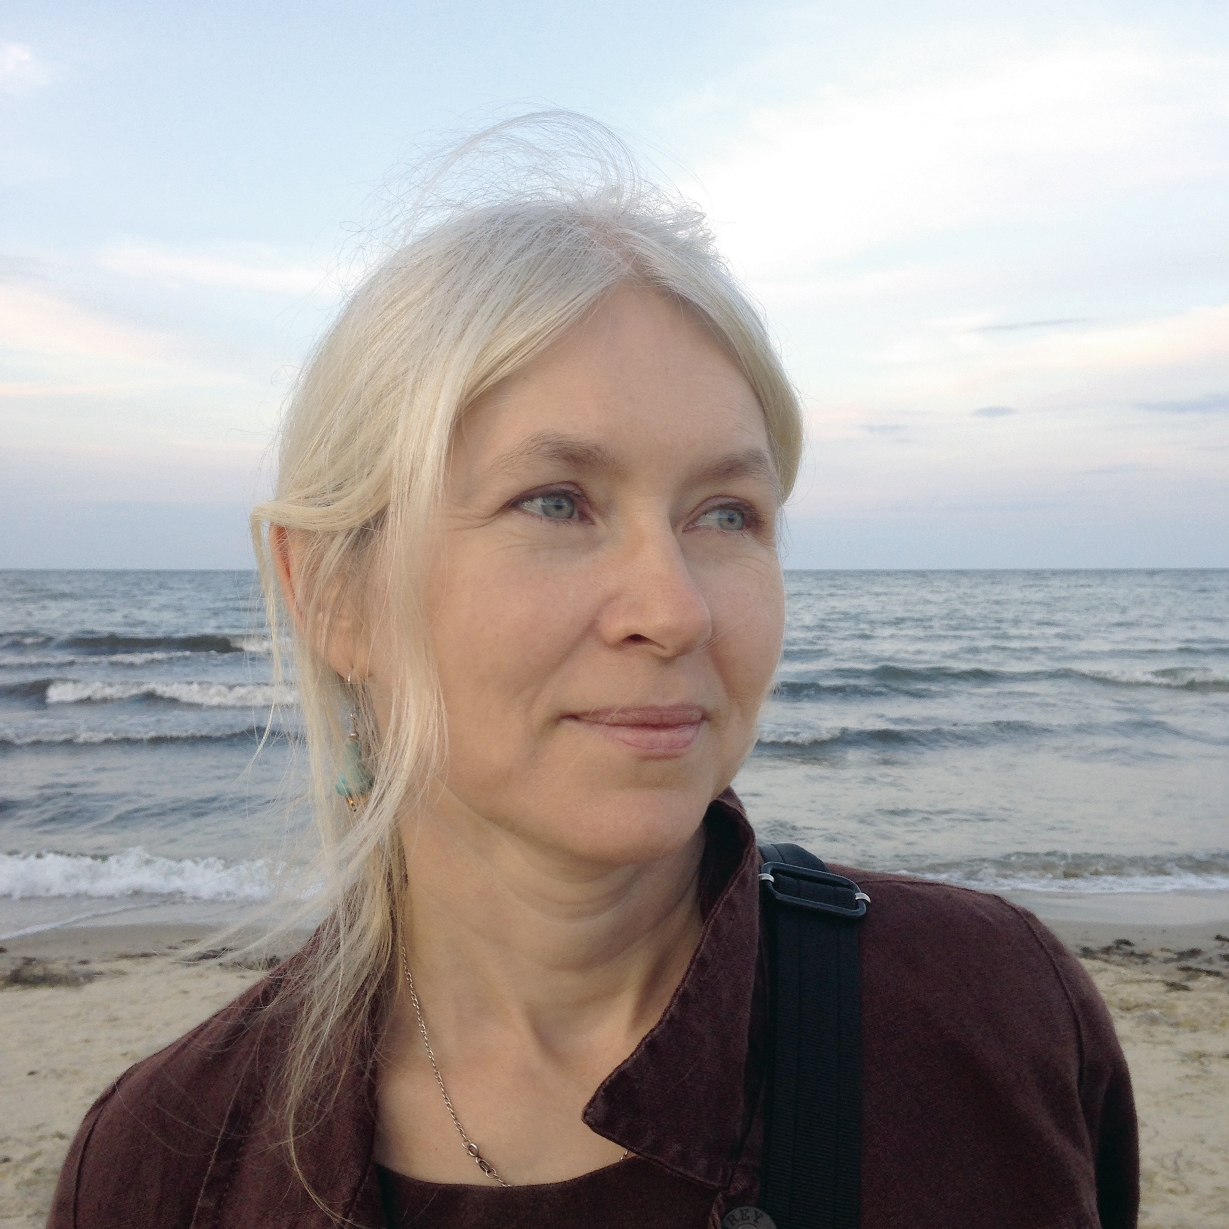 Elżbieta Pałasz – Dobra robota. Ceramik, opiekunka fok i inne ciekawe zawody